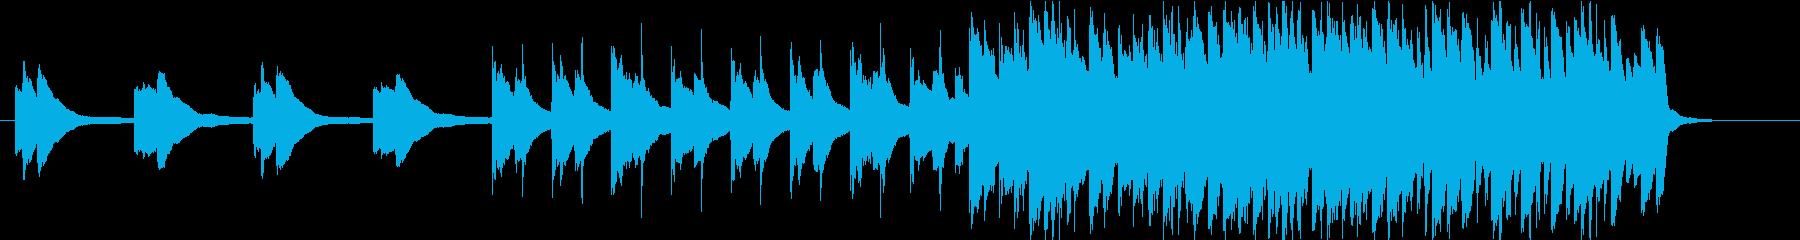 爽やかノスタルジックピアノバンドの再生済みの波形